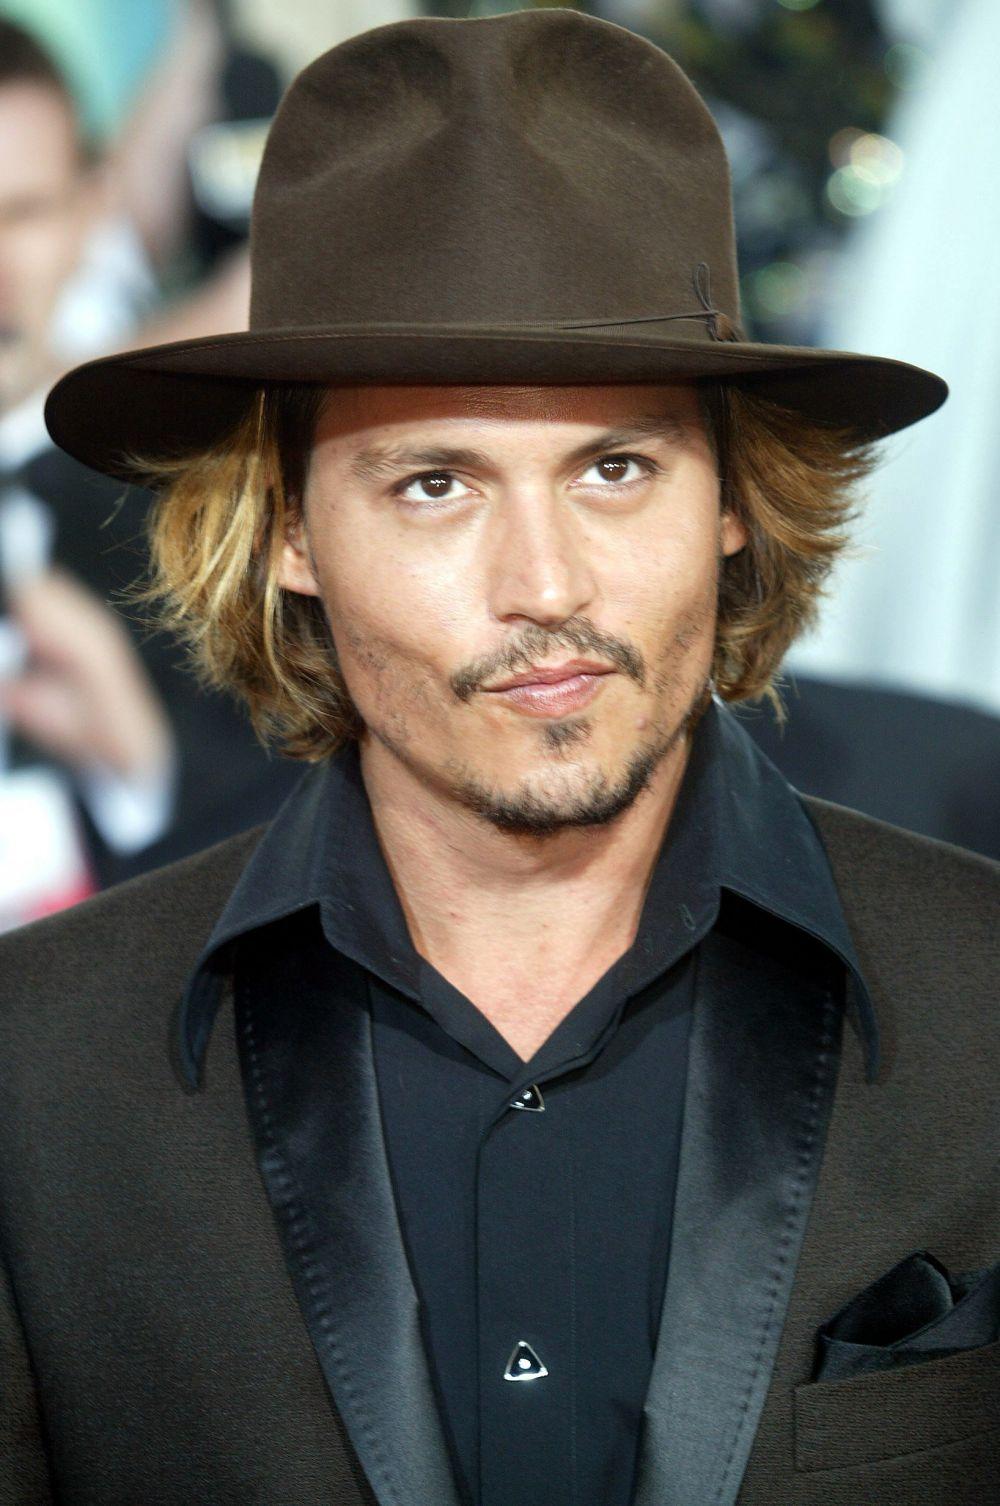 В список попал и другой американский актёр, правда, относящийся к другому поколению – звезда франшизы «Пираты Карибского моря», фильмов «Страх и ненависть в Лас-Вегасе», «Алиса в стране чудес», «Эдвард руки-ножницы» и многих других Джонни Депп.